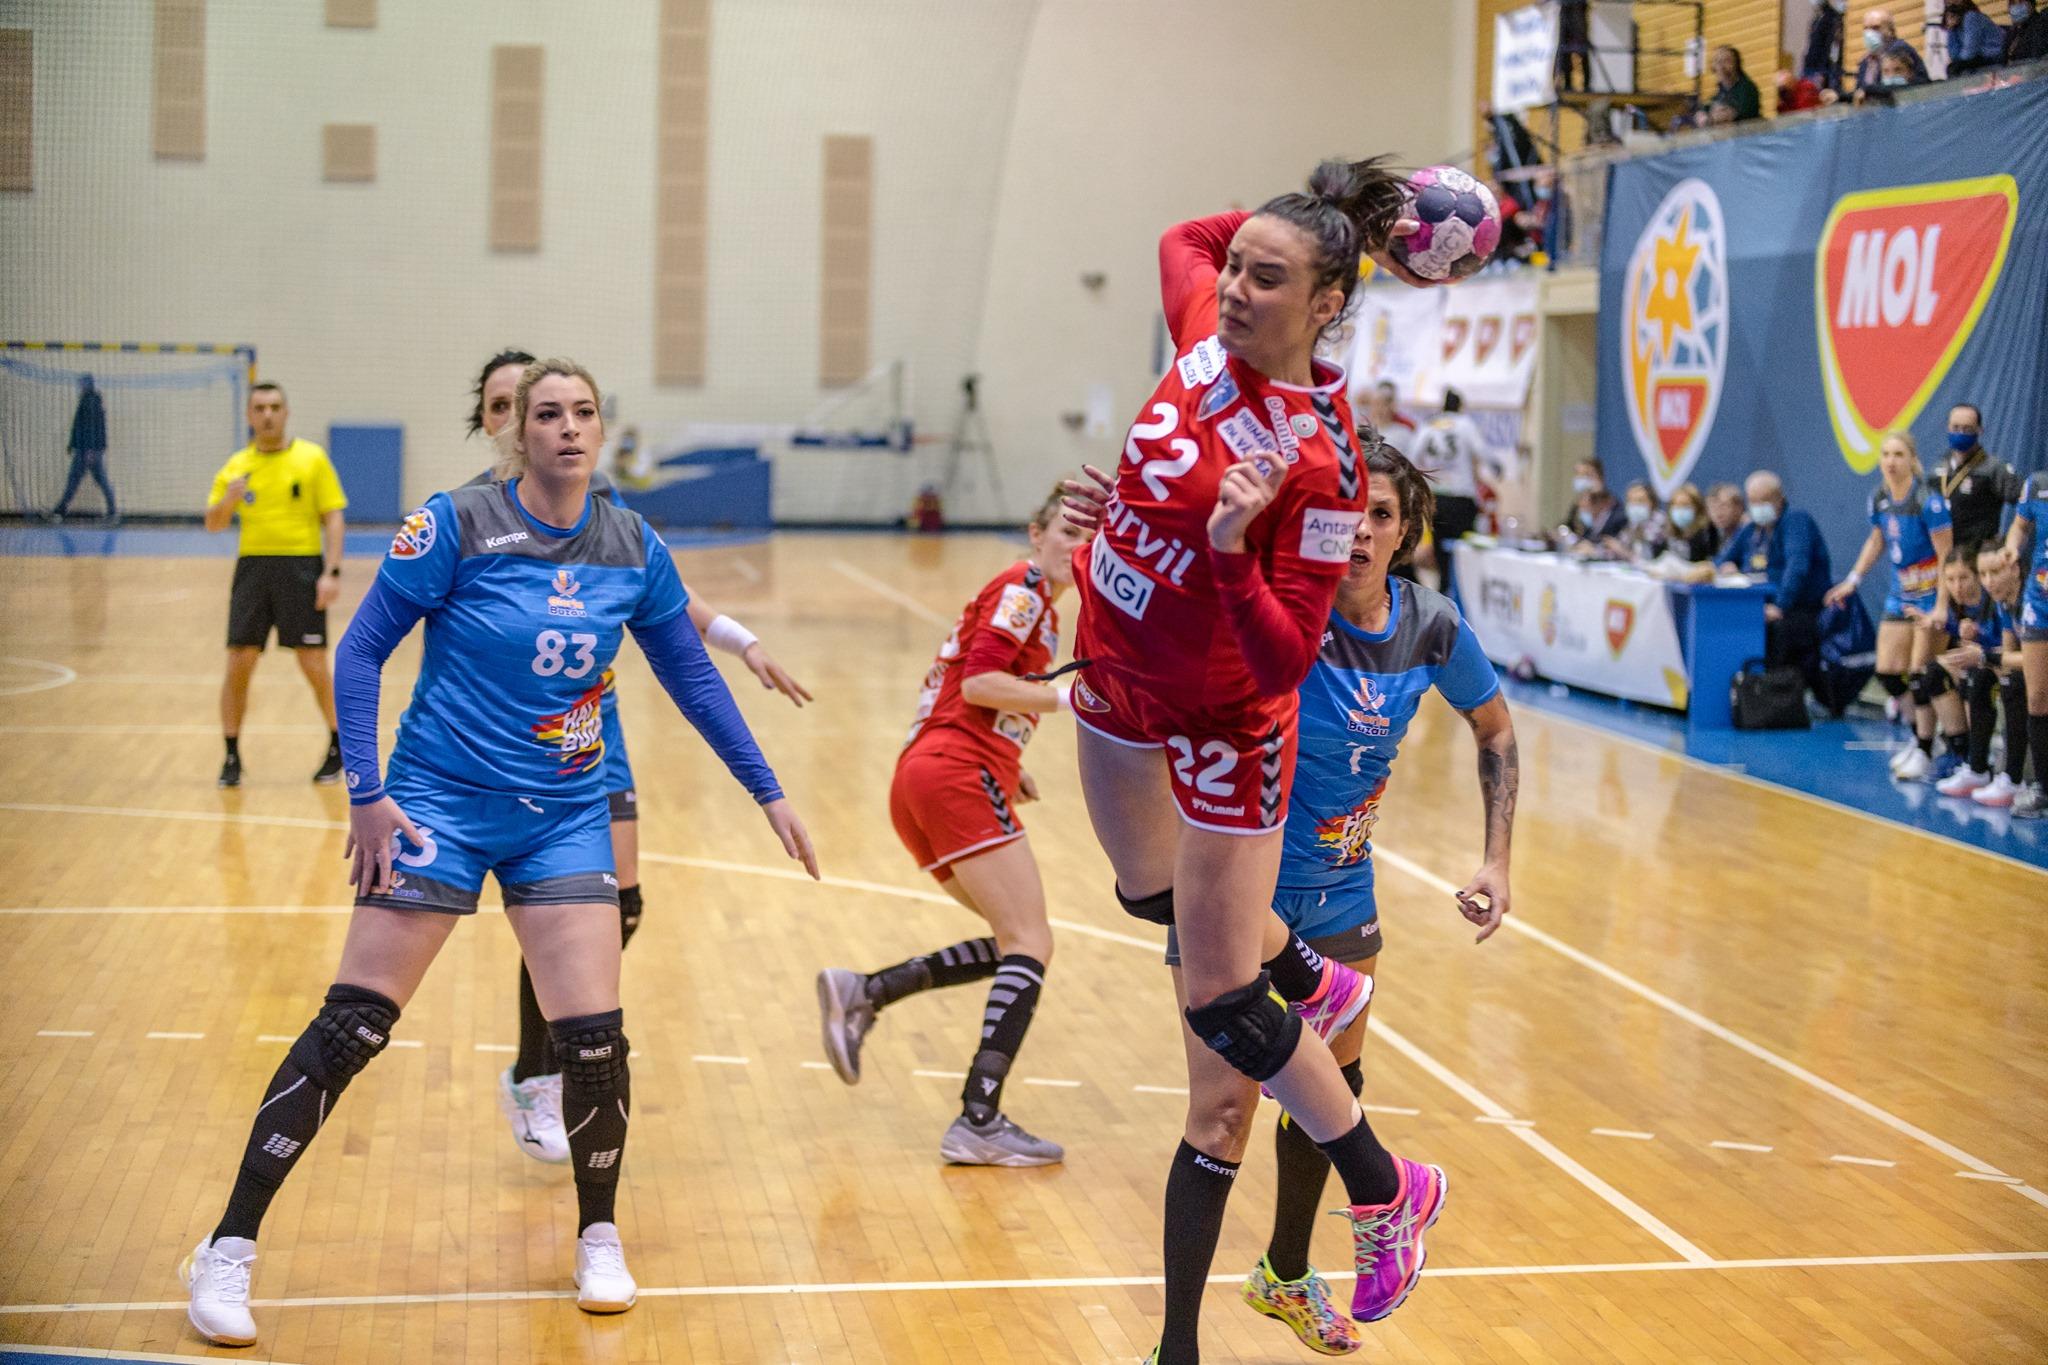 Victorie importantă pentru Vâlcea în disputa cu Buzău